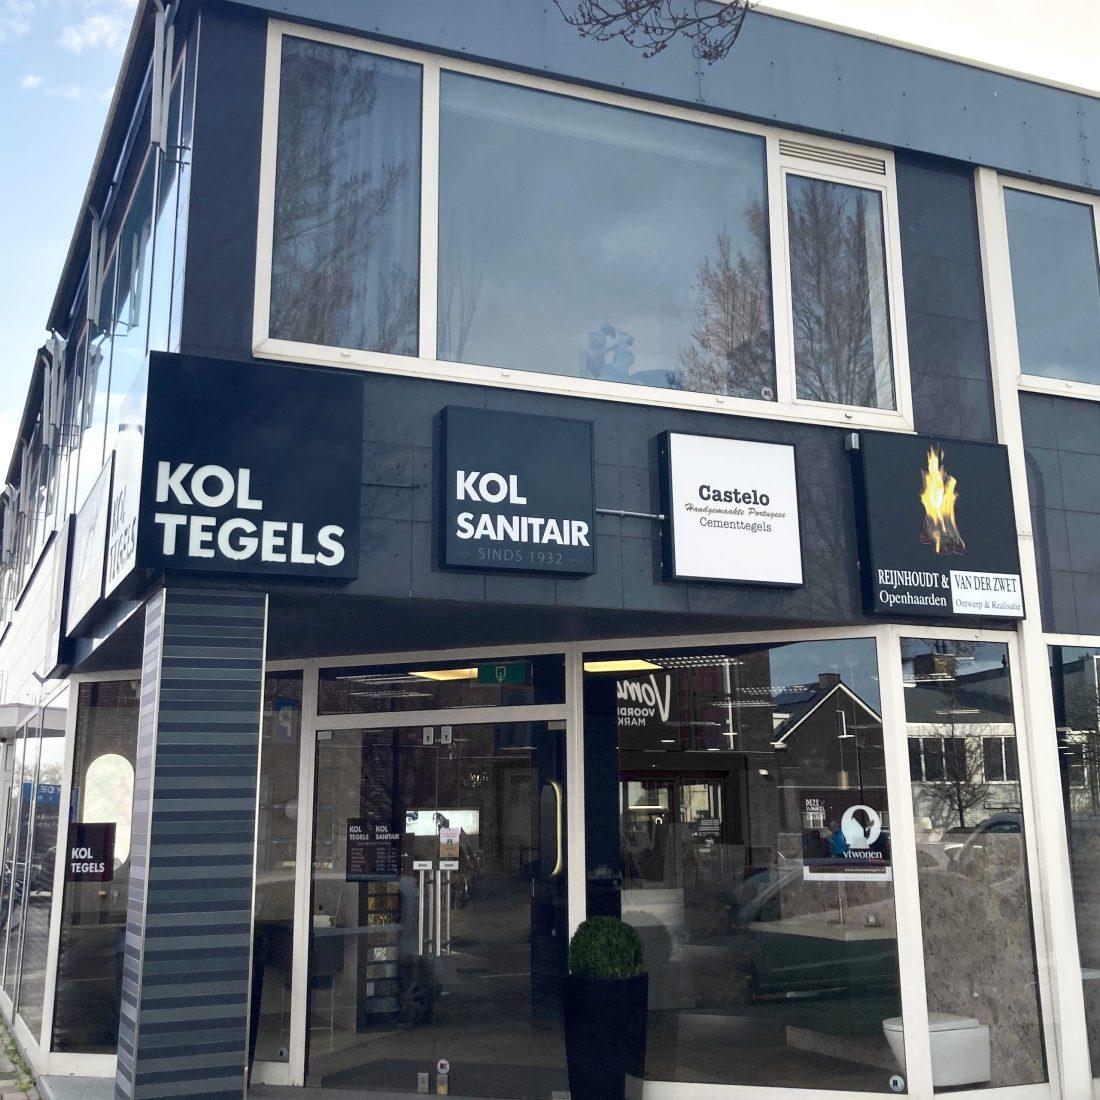 Gevel Kol Tegels & Sanitair Showroom Haarlem